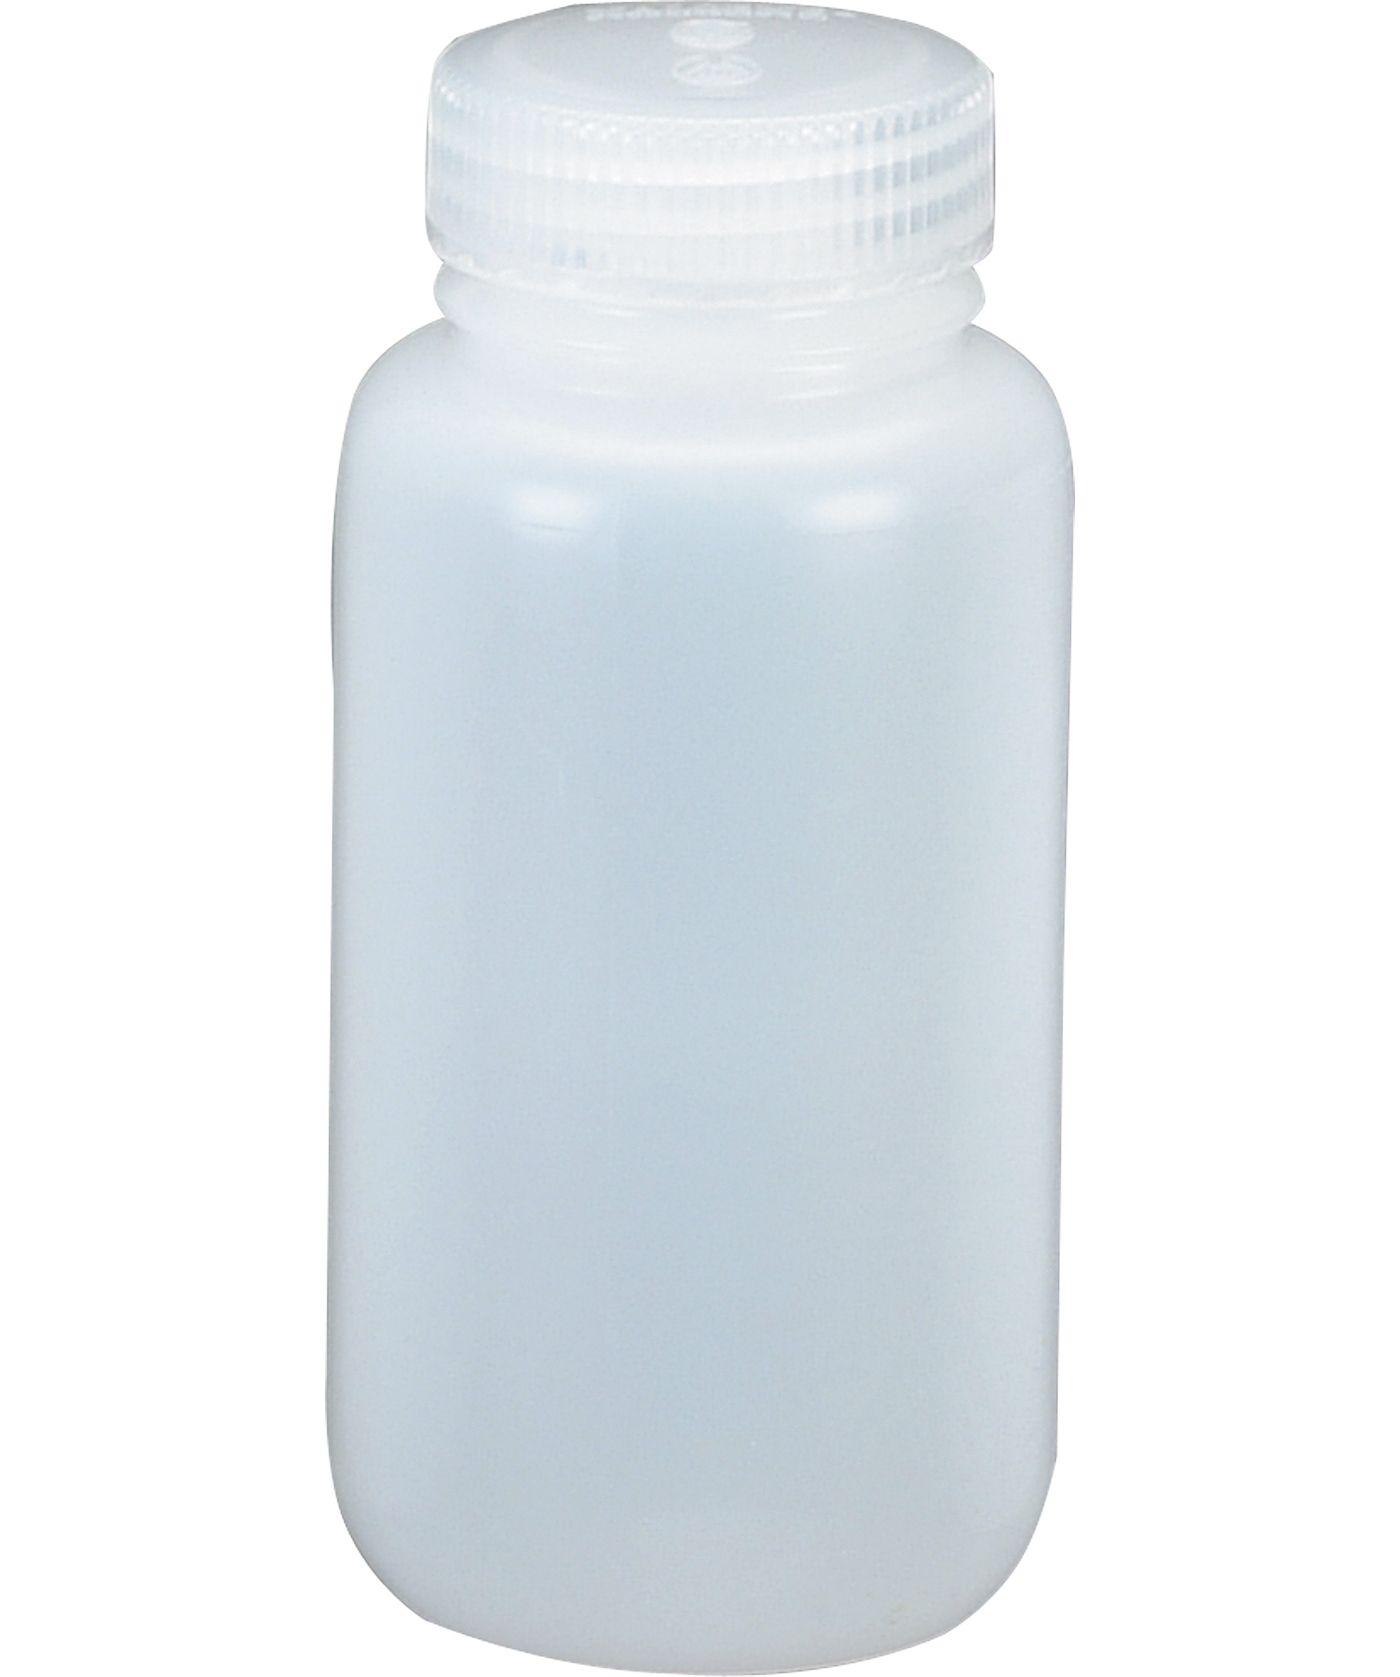 Nalgene Wide Mouth 8 oz. Water Bottle